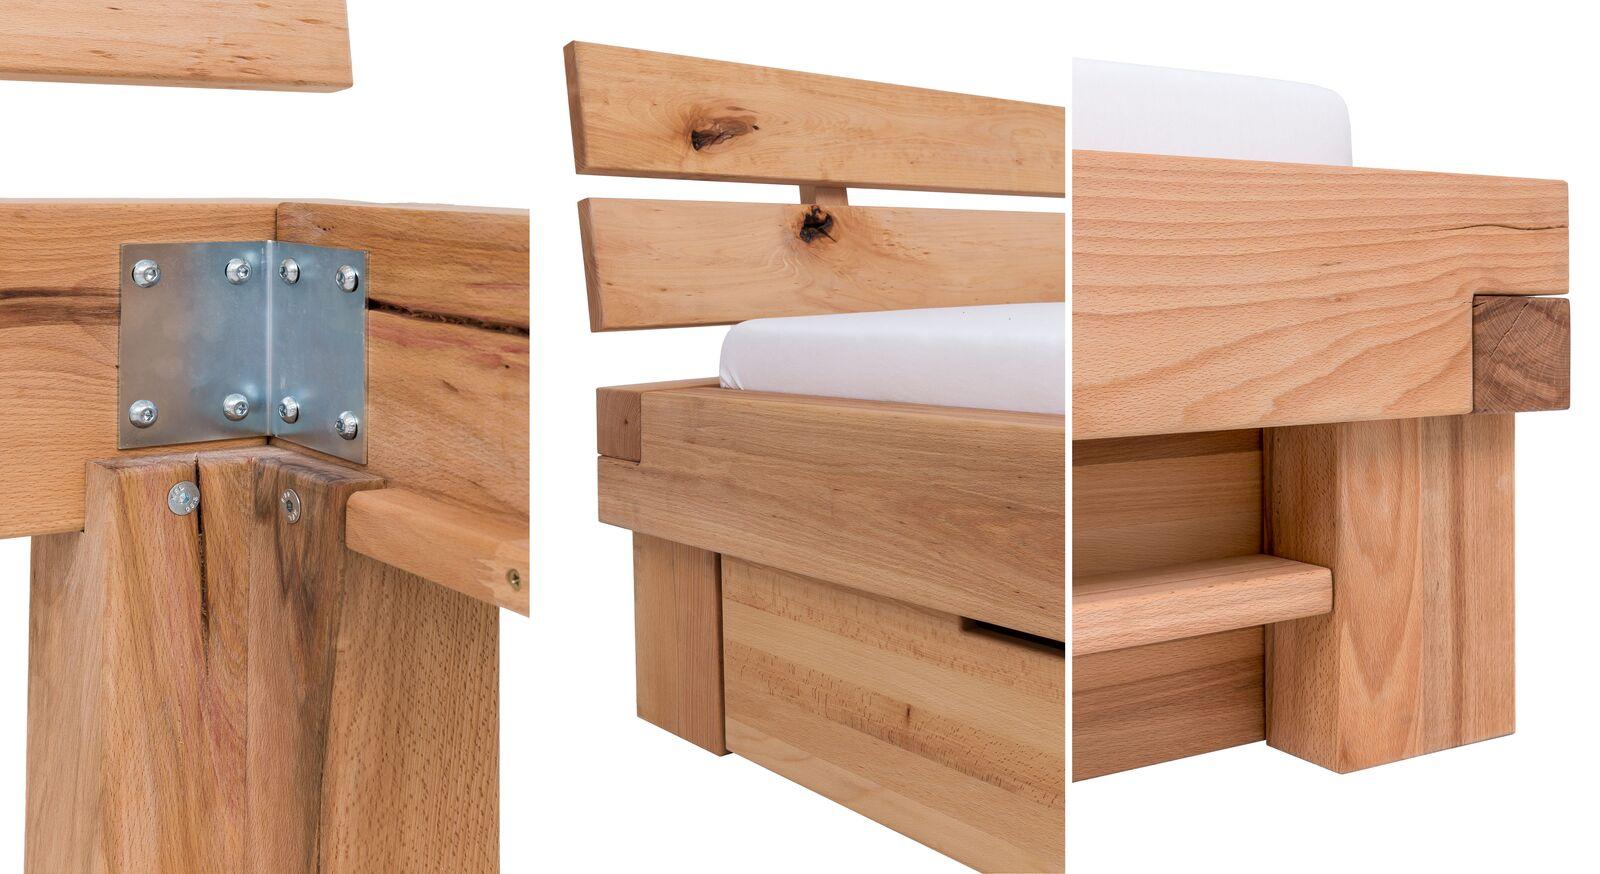 Hochwertiges Schubkasten-Bett Sowa aus Masssivholz